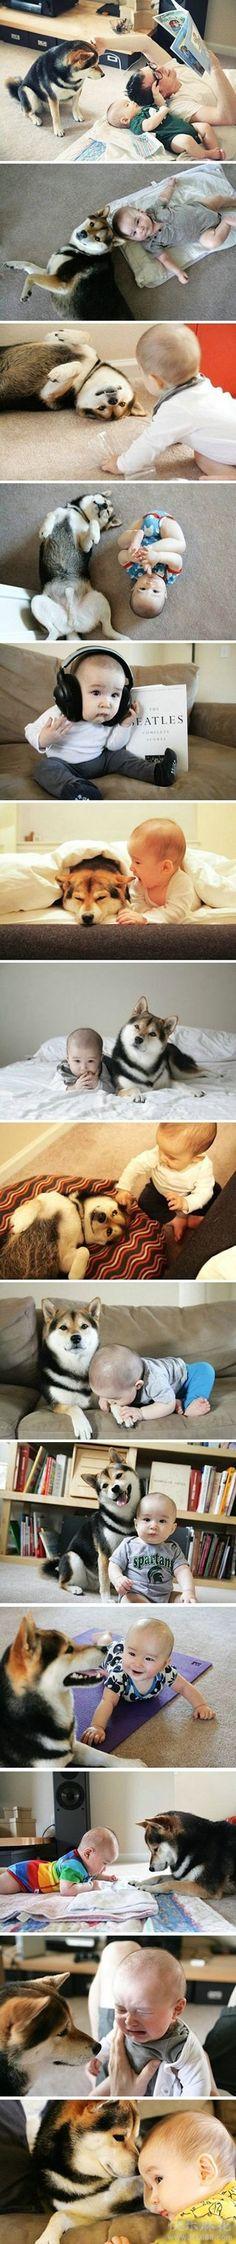 這狗真的太貼心了 要養就要這種的!